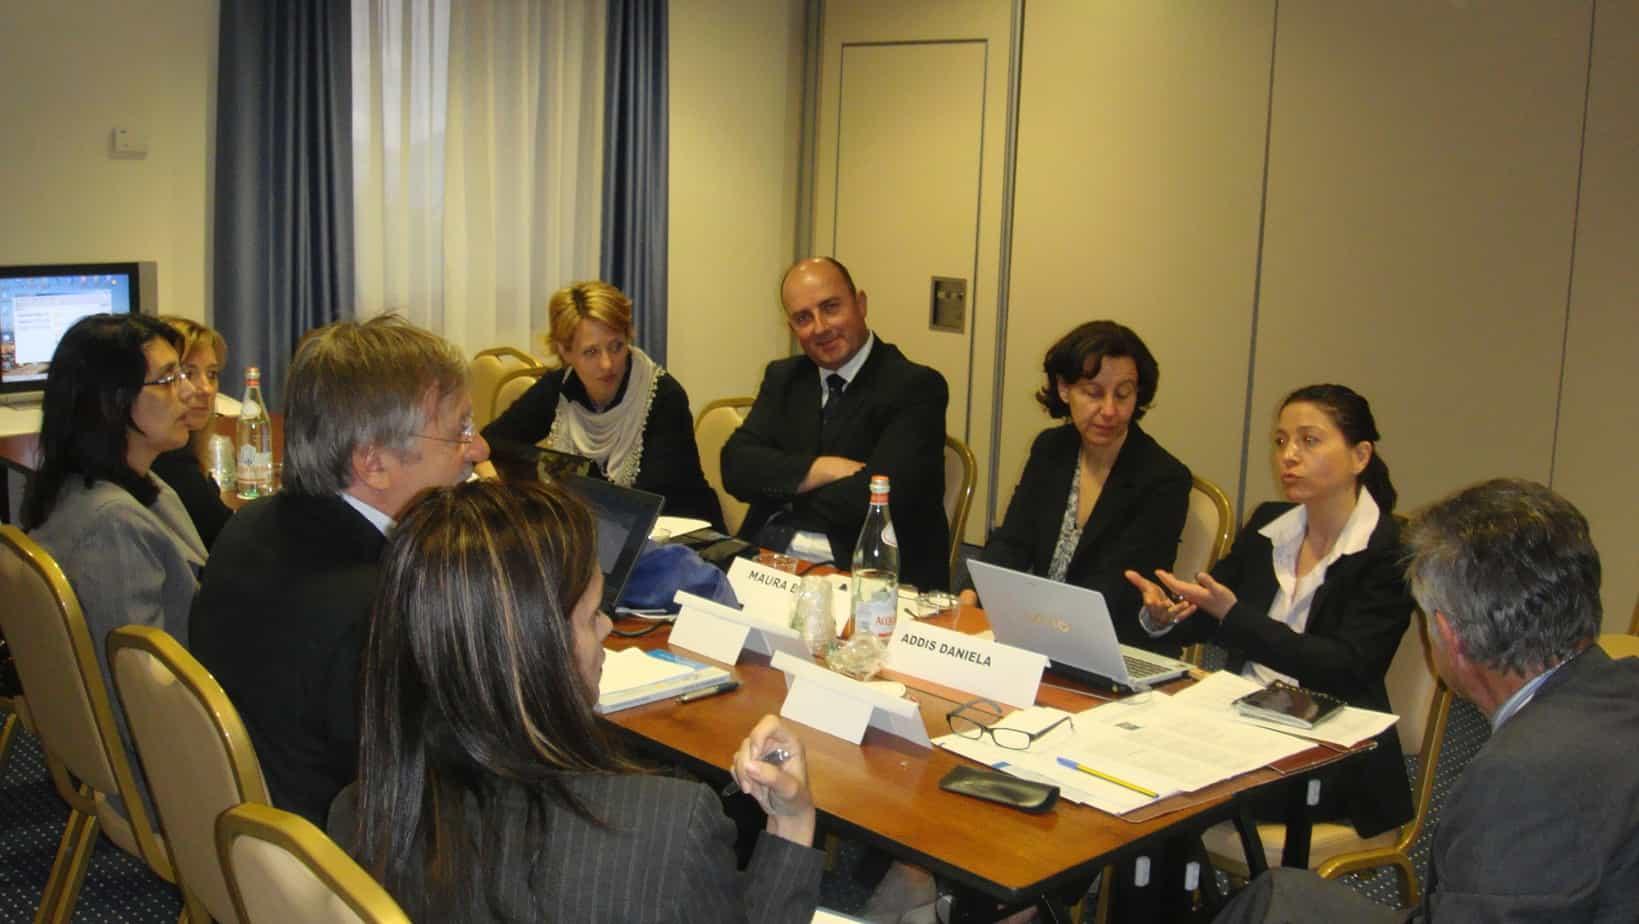 lavv-daniela-addis-interviene-nel-workshop-sulla-ricerca